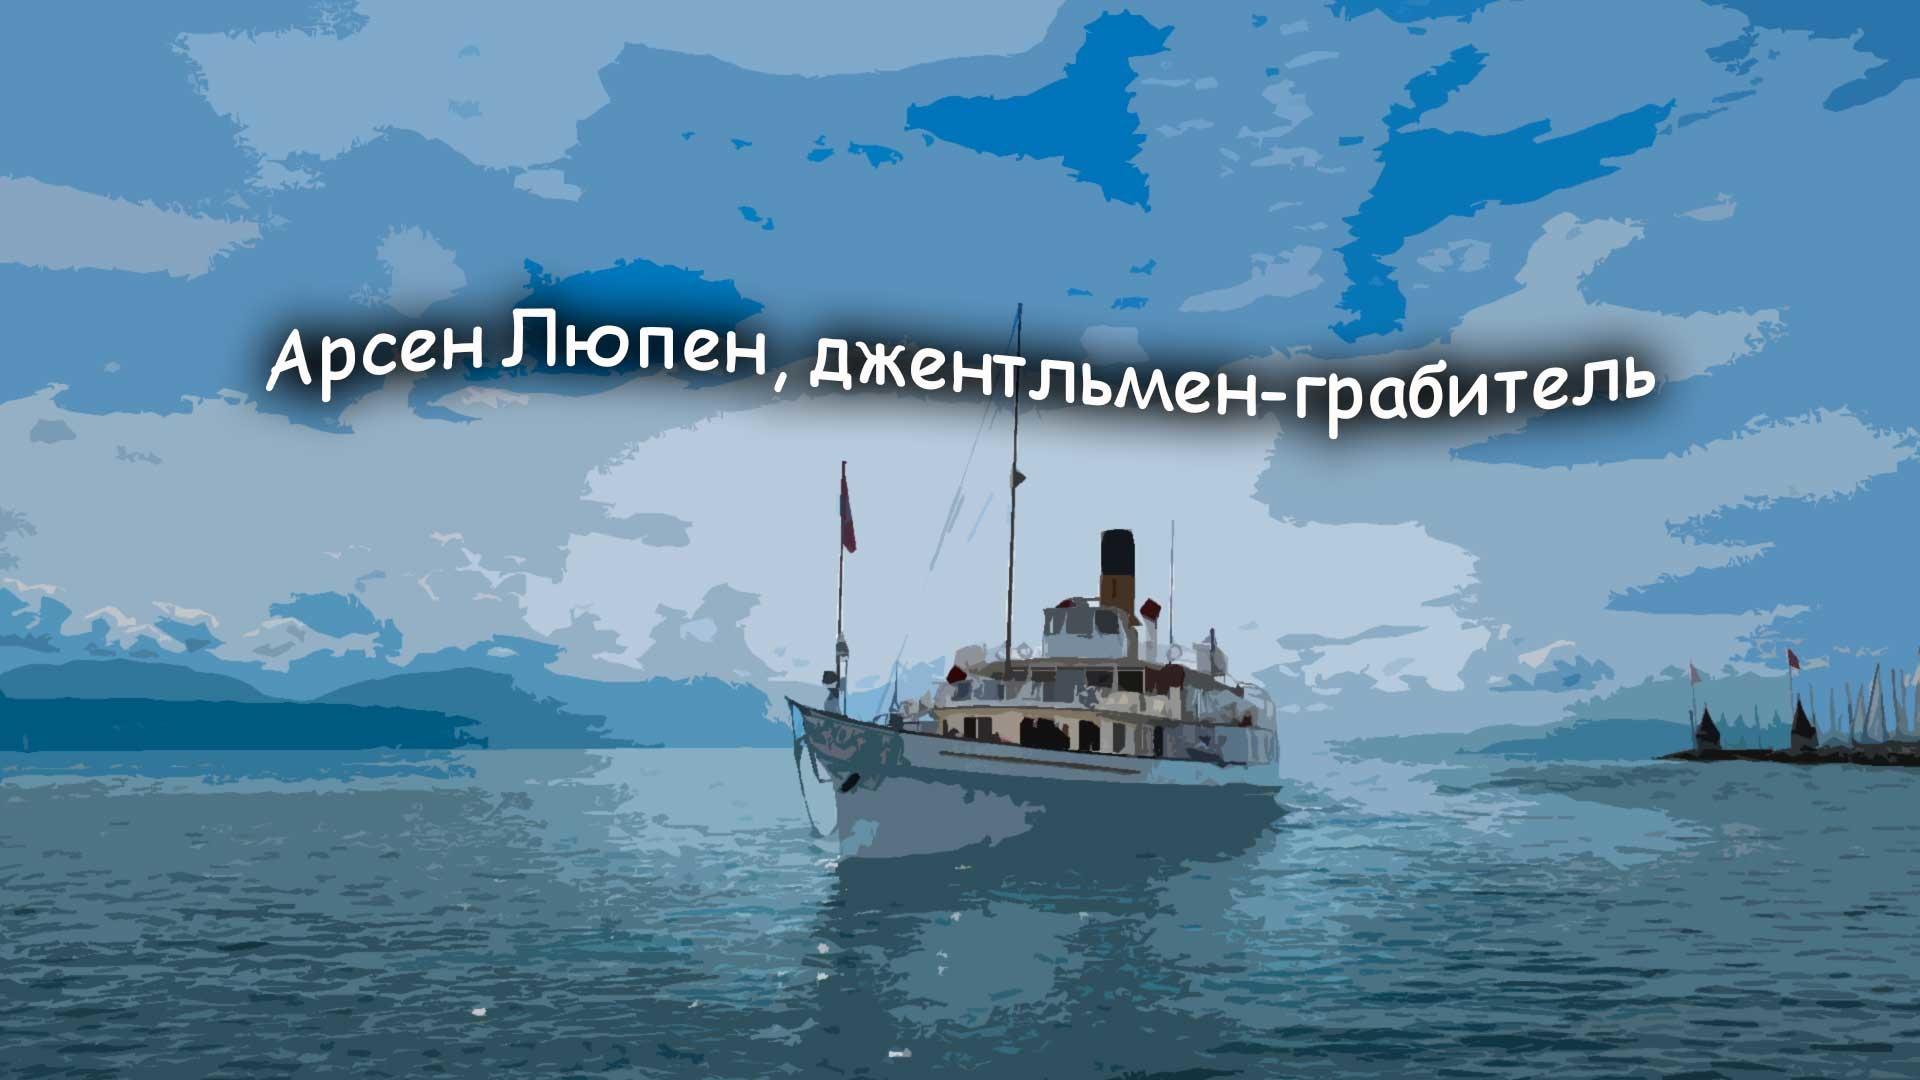 Морис Леблан. Арсен Люпен, джентльмен-грабитель